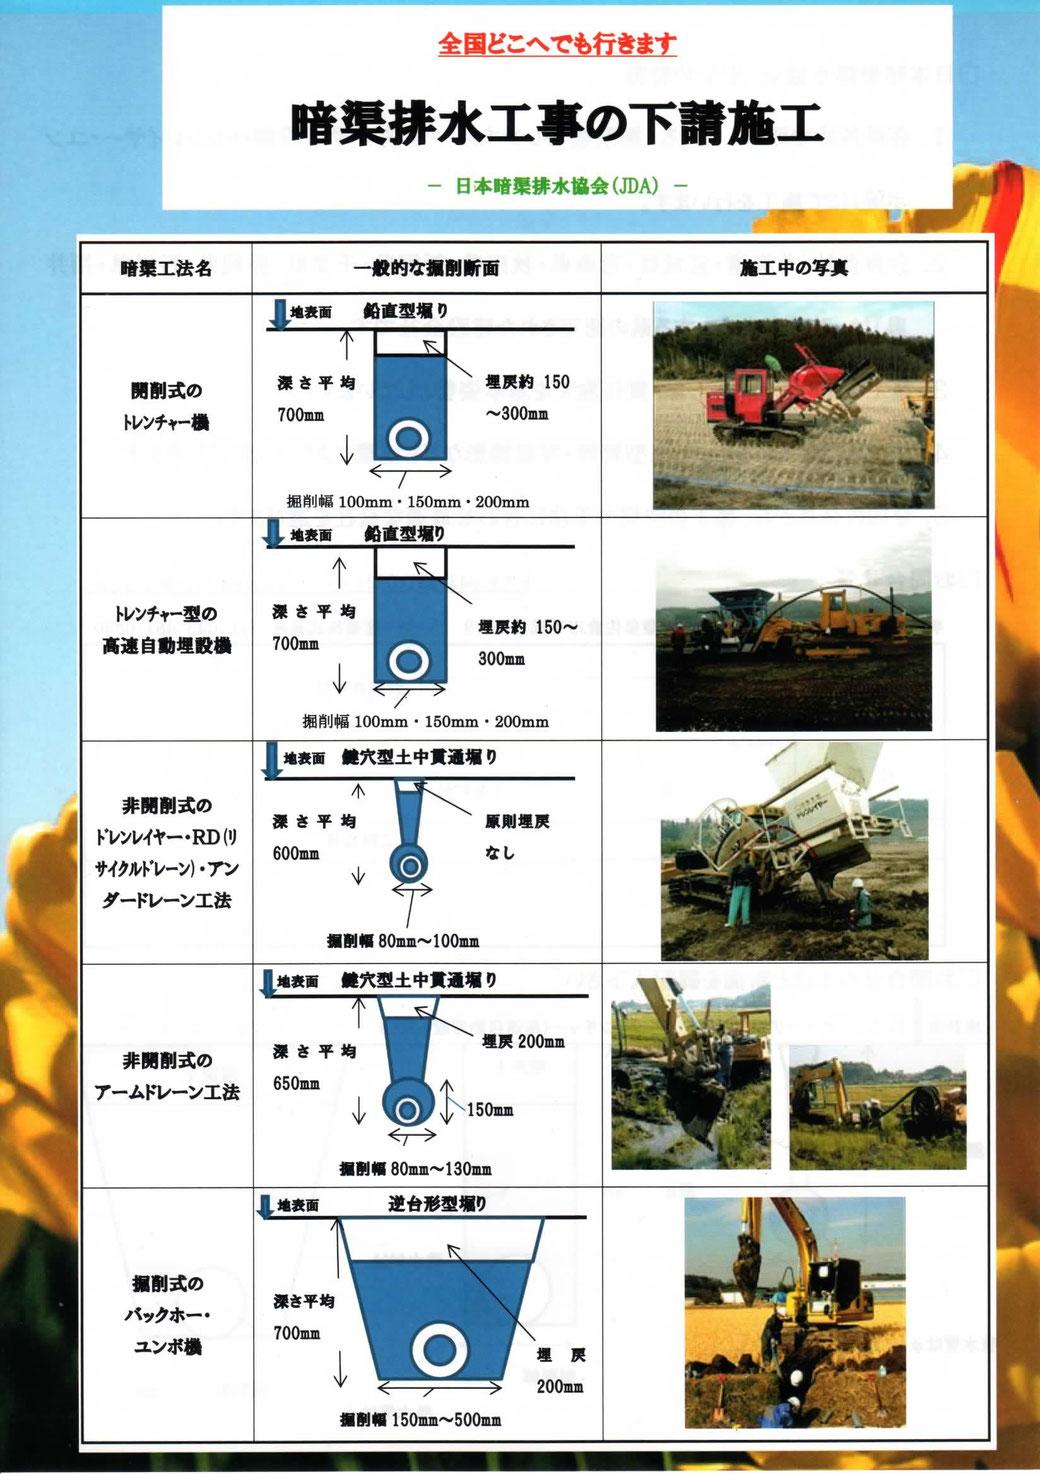 トーヨー産業 農地リフォーム 農地補修 補修 水はけ 土地改良 生産資材 営農資材